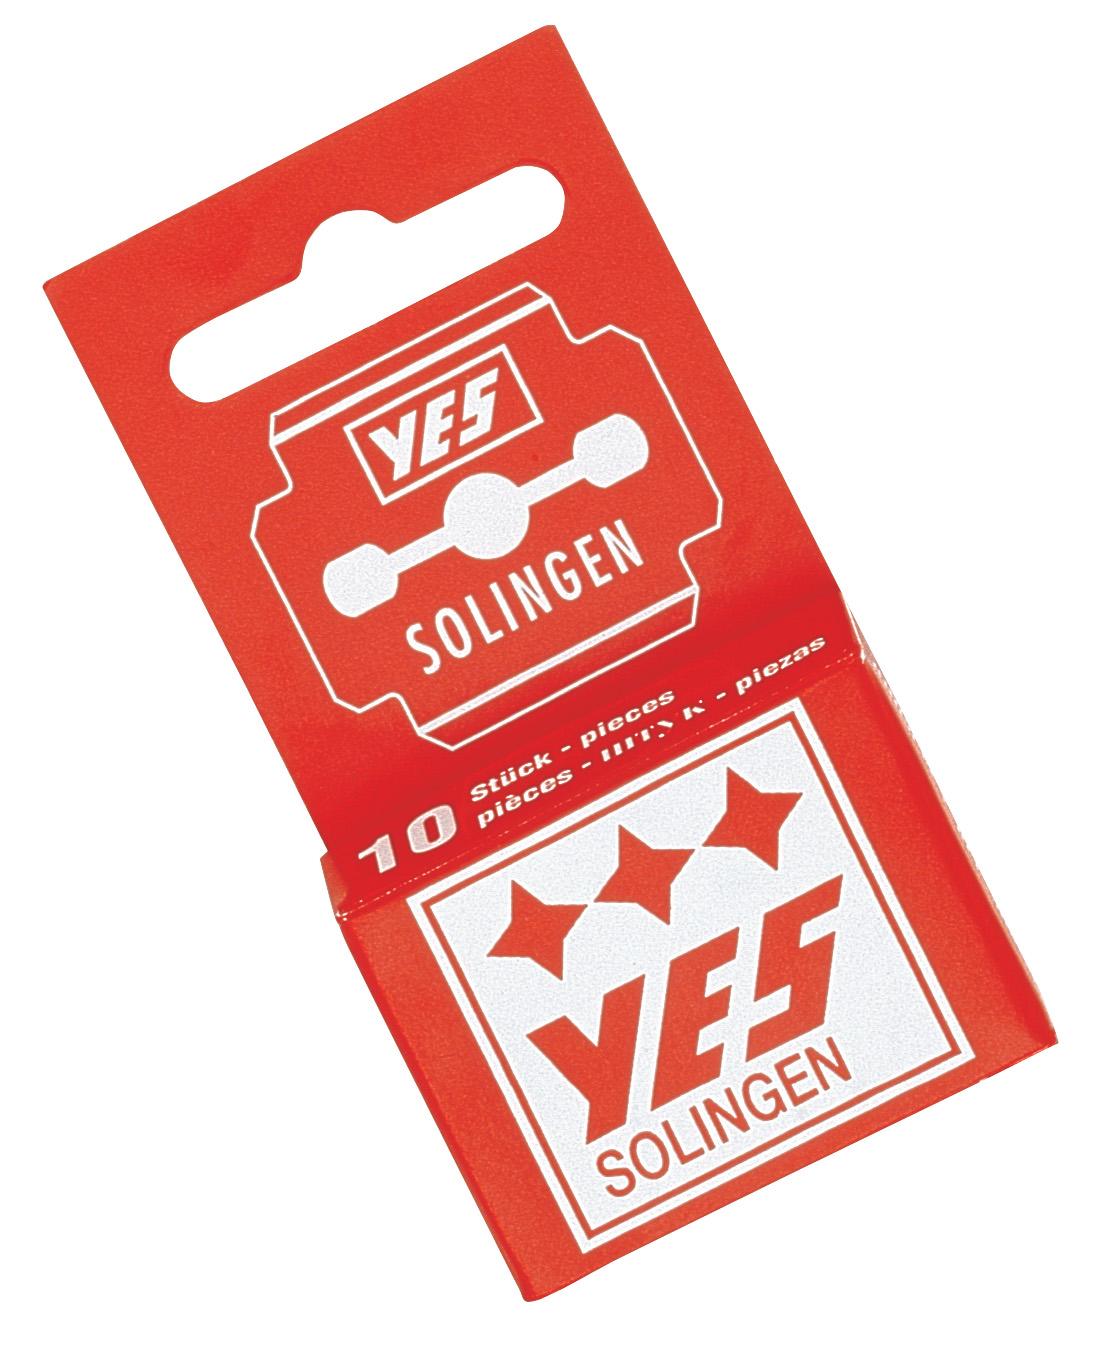 Becker-Manicure YES Запасные лезвия N10. 6010FA-8116-1 White/pinkЛезвия предназначены для удалителя мозолей Yes арт. 9600. Запасные лезвия 10 шт. двусторонние, что дает возможность использовать обе их стороны. Хранить в сухом недоступном для детей месте.Замена изделия не осуществляется в следующих случаях:- Использование не по назначению- Самостоятельный ремонт- Нарушение условий хранения